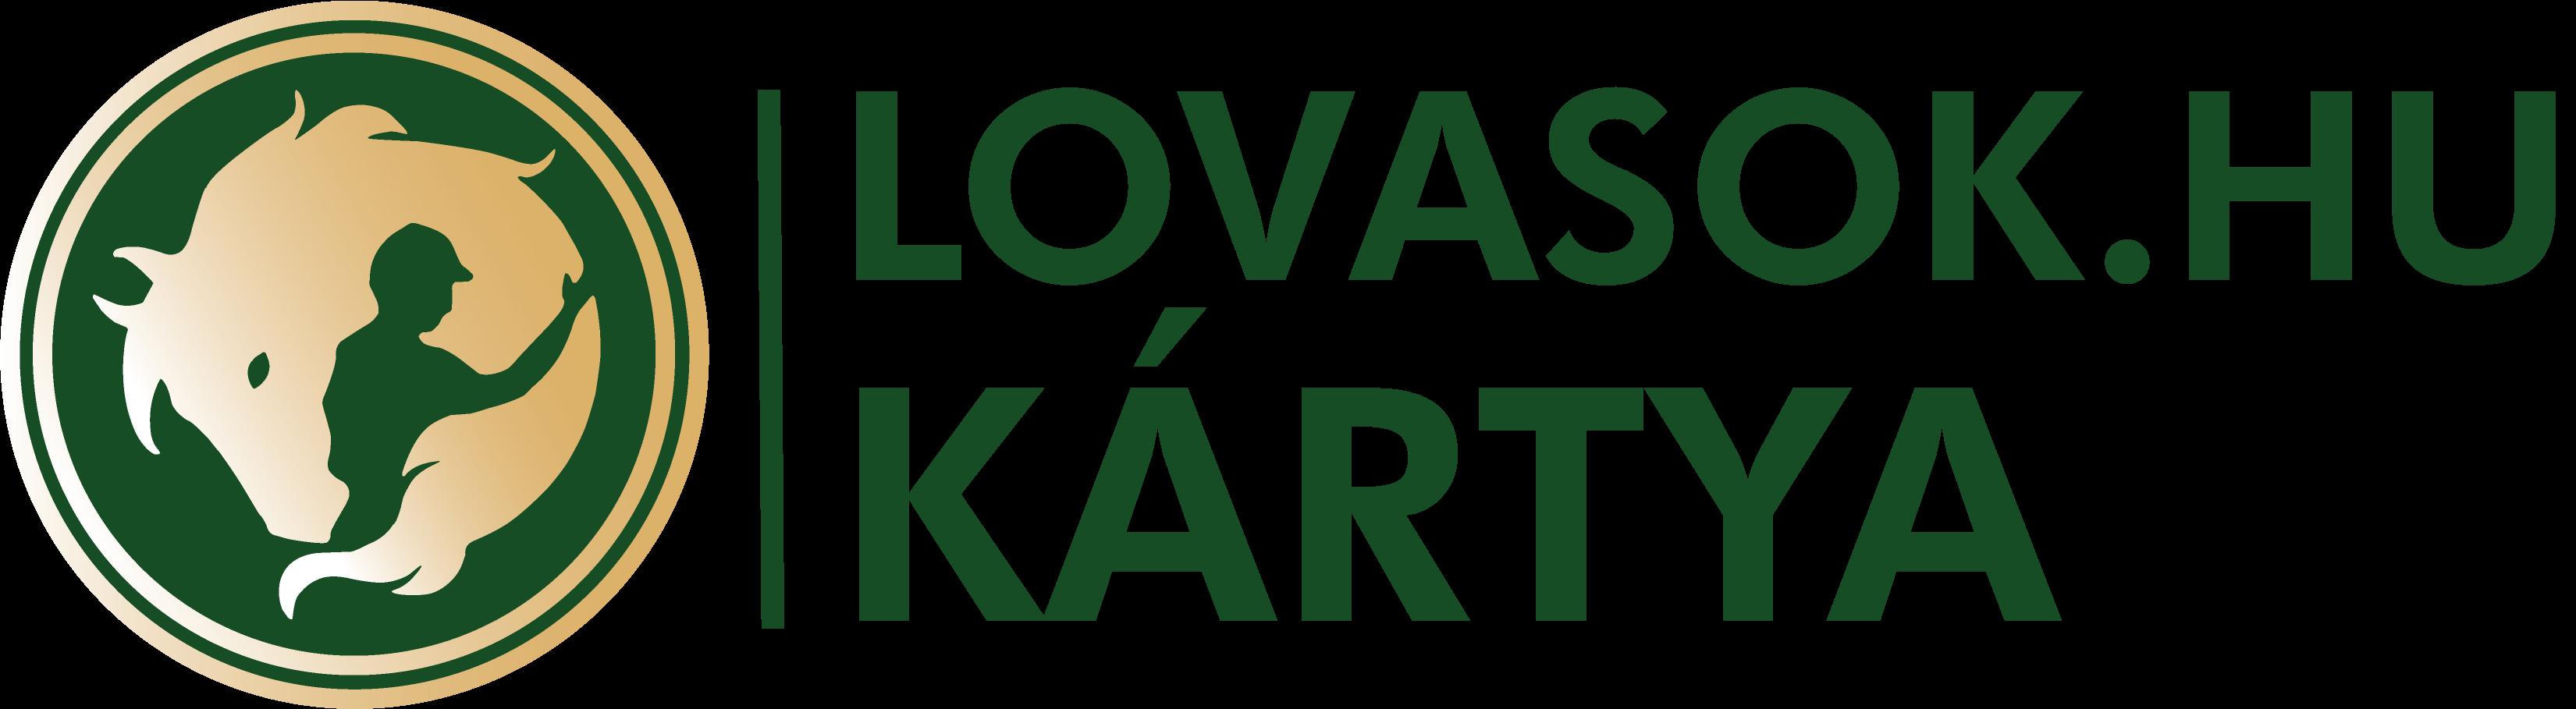 963728139b Üzleteinkben elfogadjuk a Lovasok.hu kártyát, mellyel szintén  kedvezményekre lesz jogosult, Tattini termékek vásárlásakor. Kártya  igényléshez és további ...